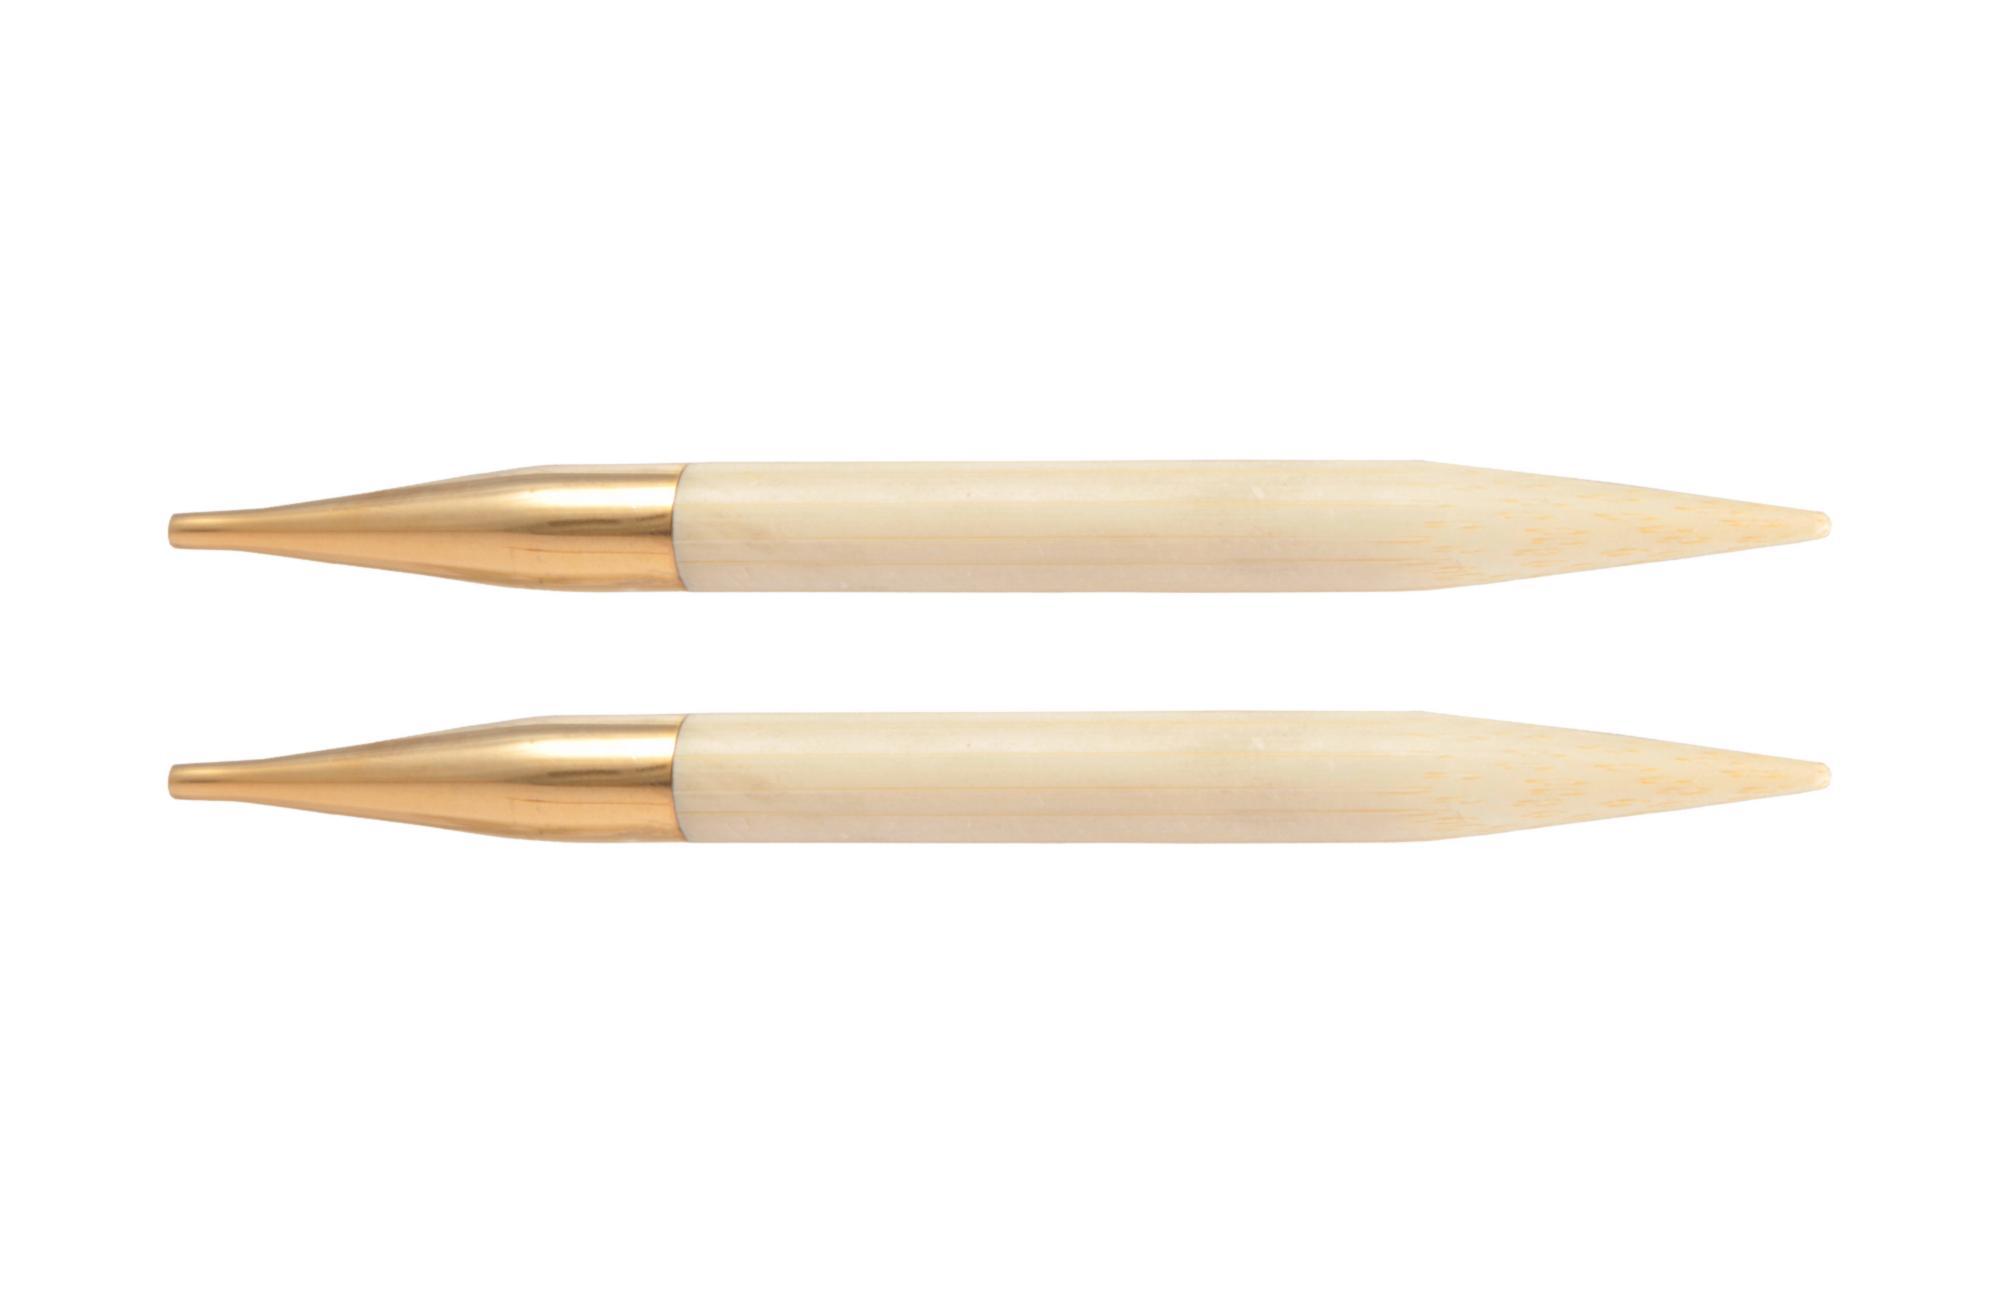 Спицы съёмные Bamboo KnitPro, 22409, 7.00 мм